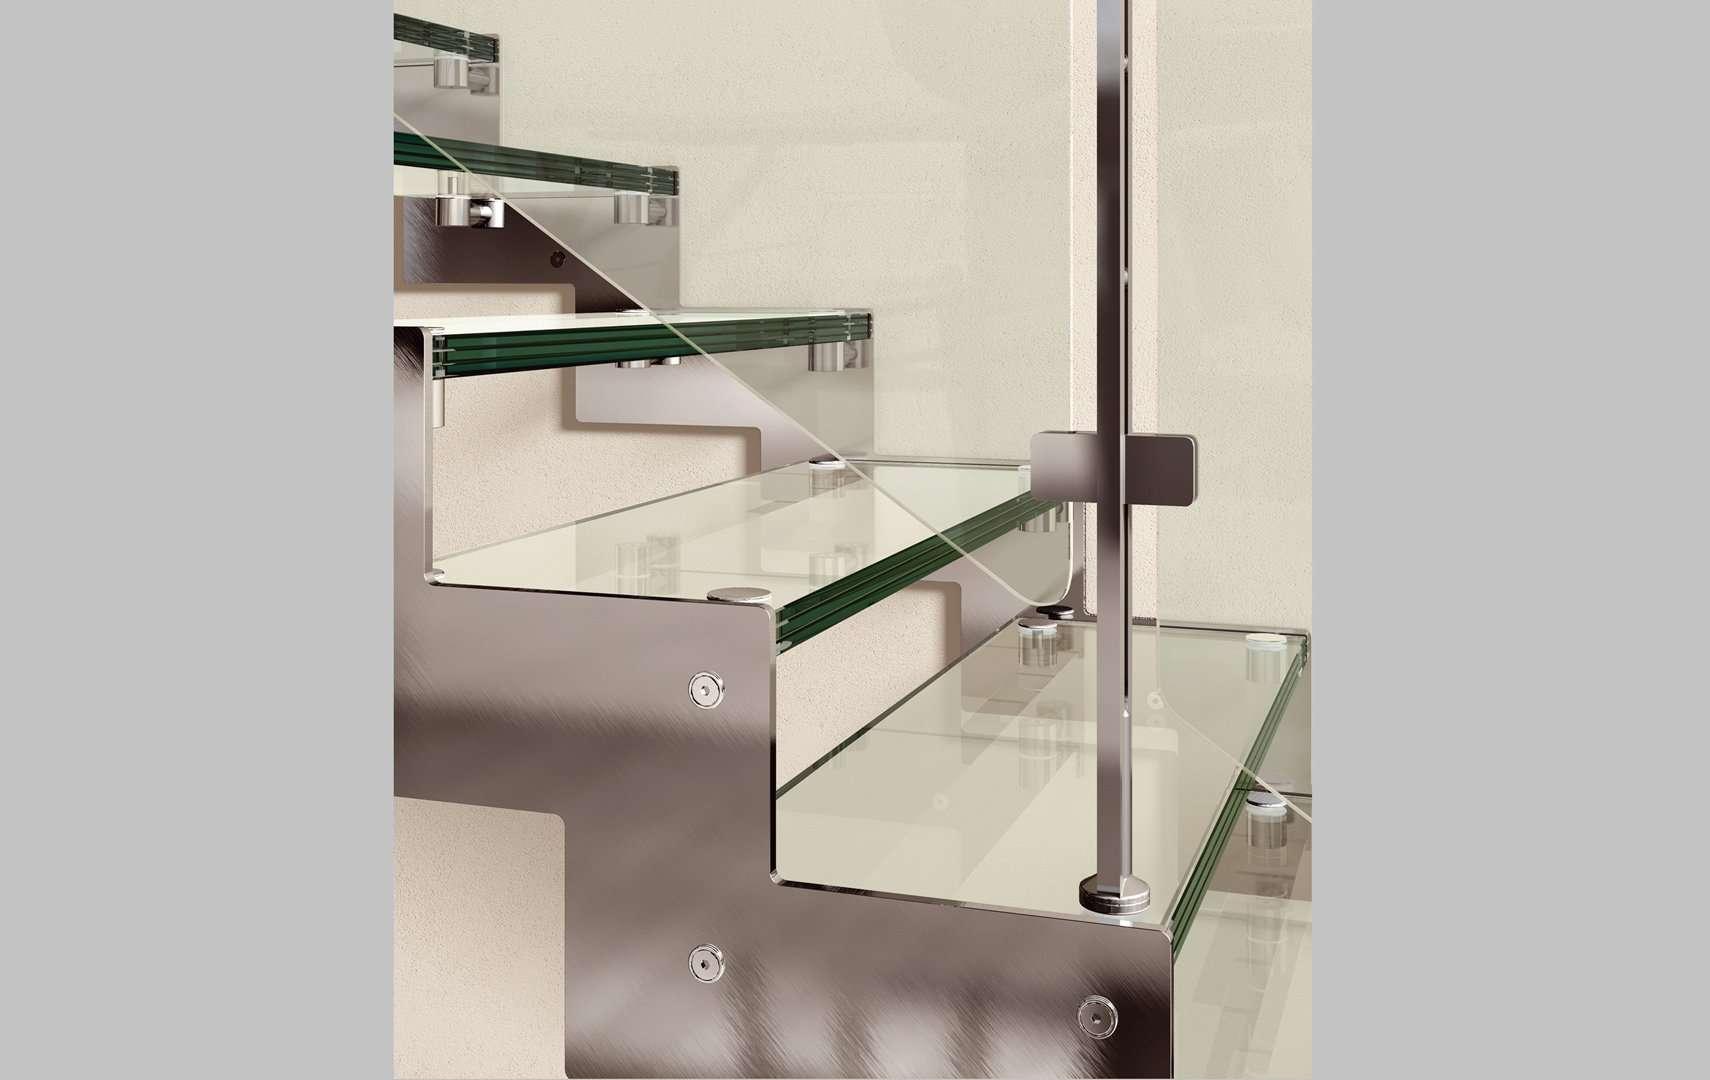 Rexalglass scegli tra i diversi modelli di scale interne - Tipi di scale per interni ...